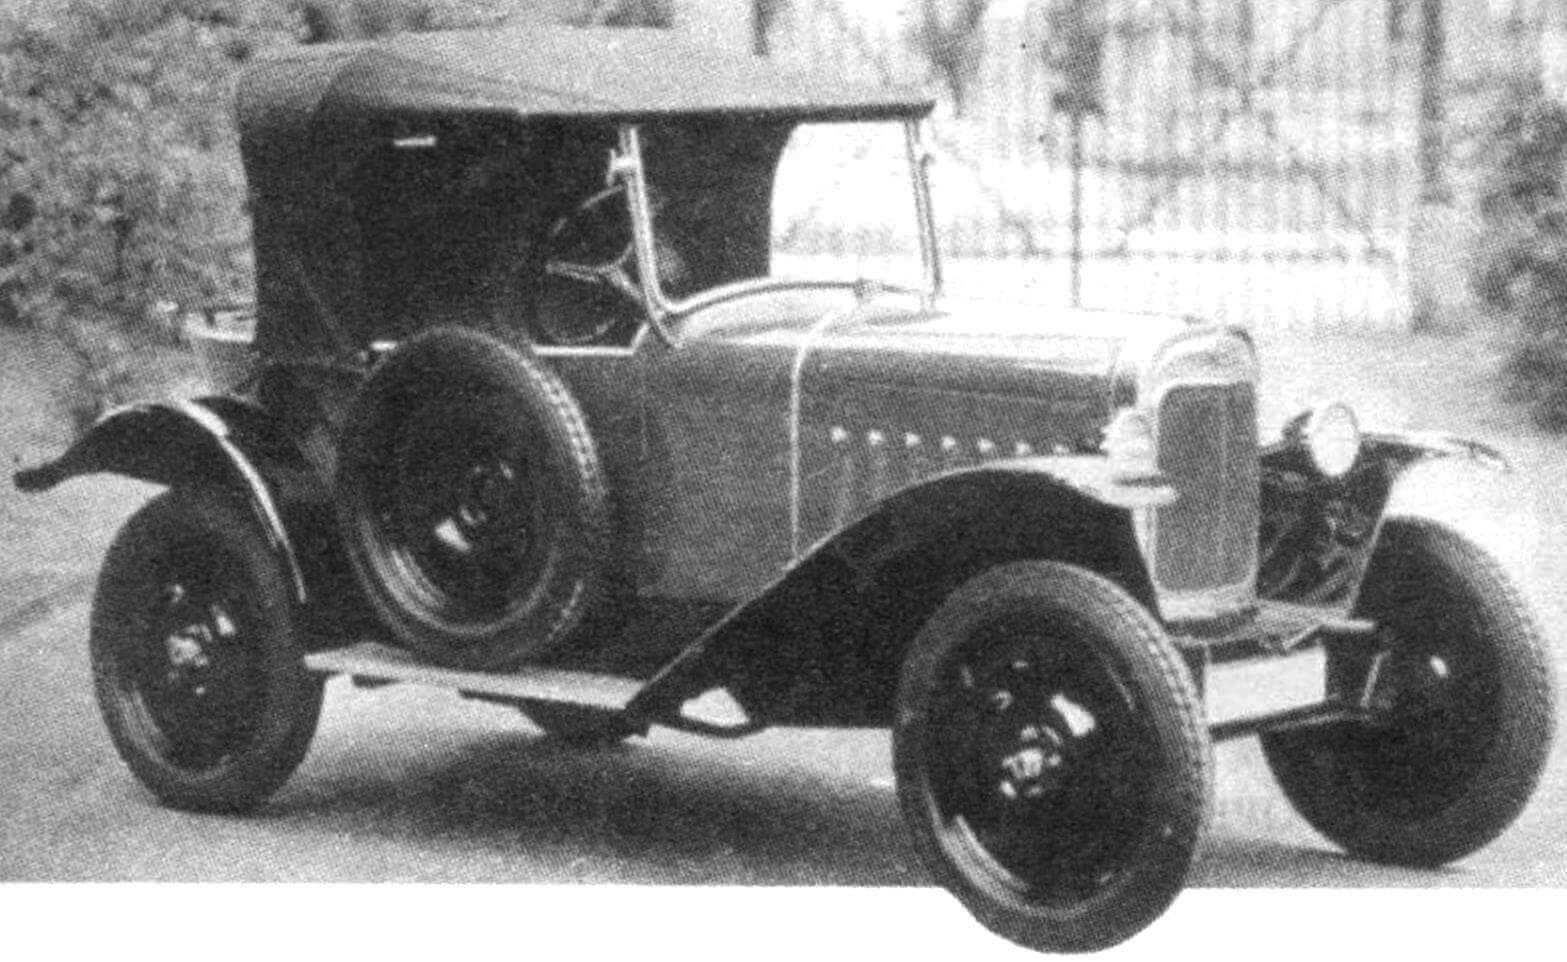 OPEL LAUBFROSH 1924 года — первый массовый автомобиль фирмы Opel (0,951 л, 12 л.с., 72 км/ч)